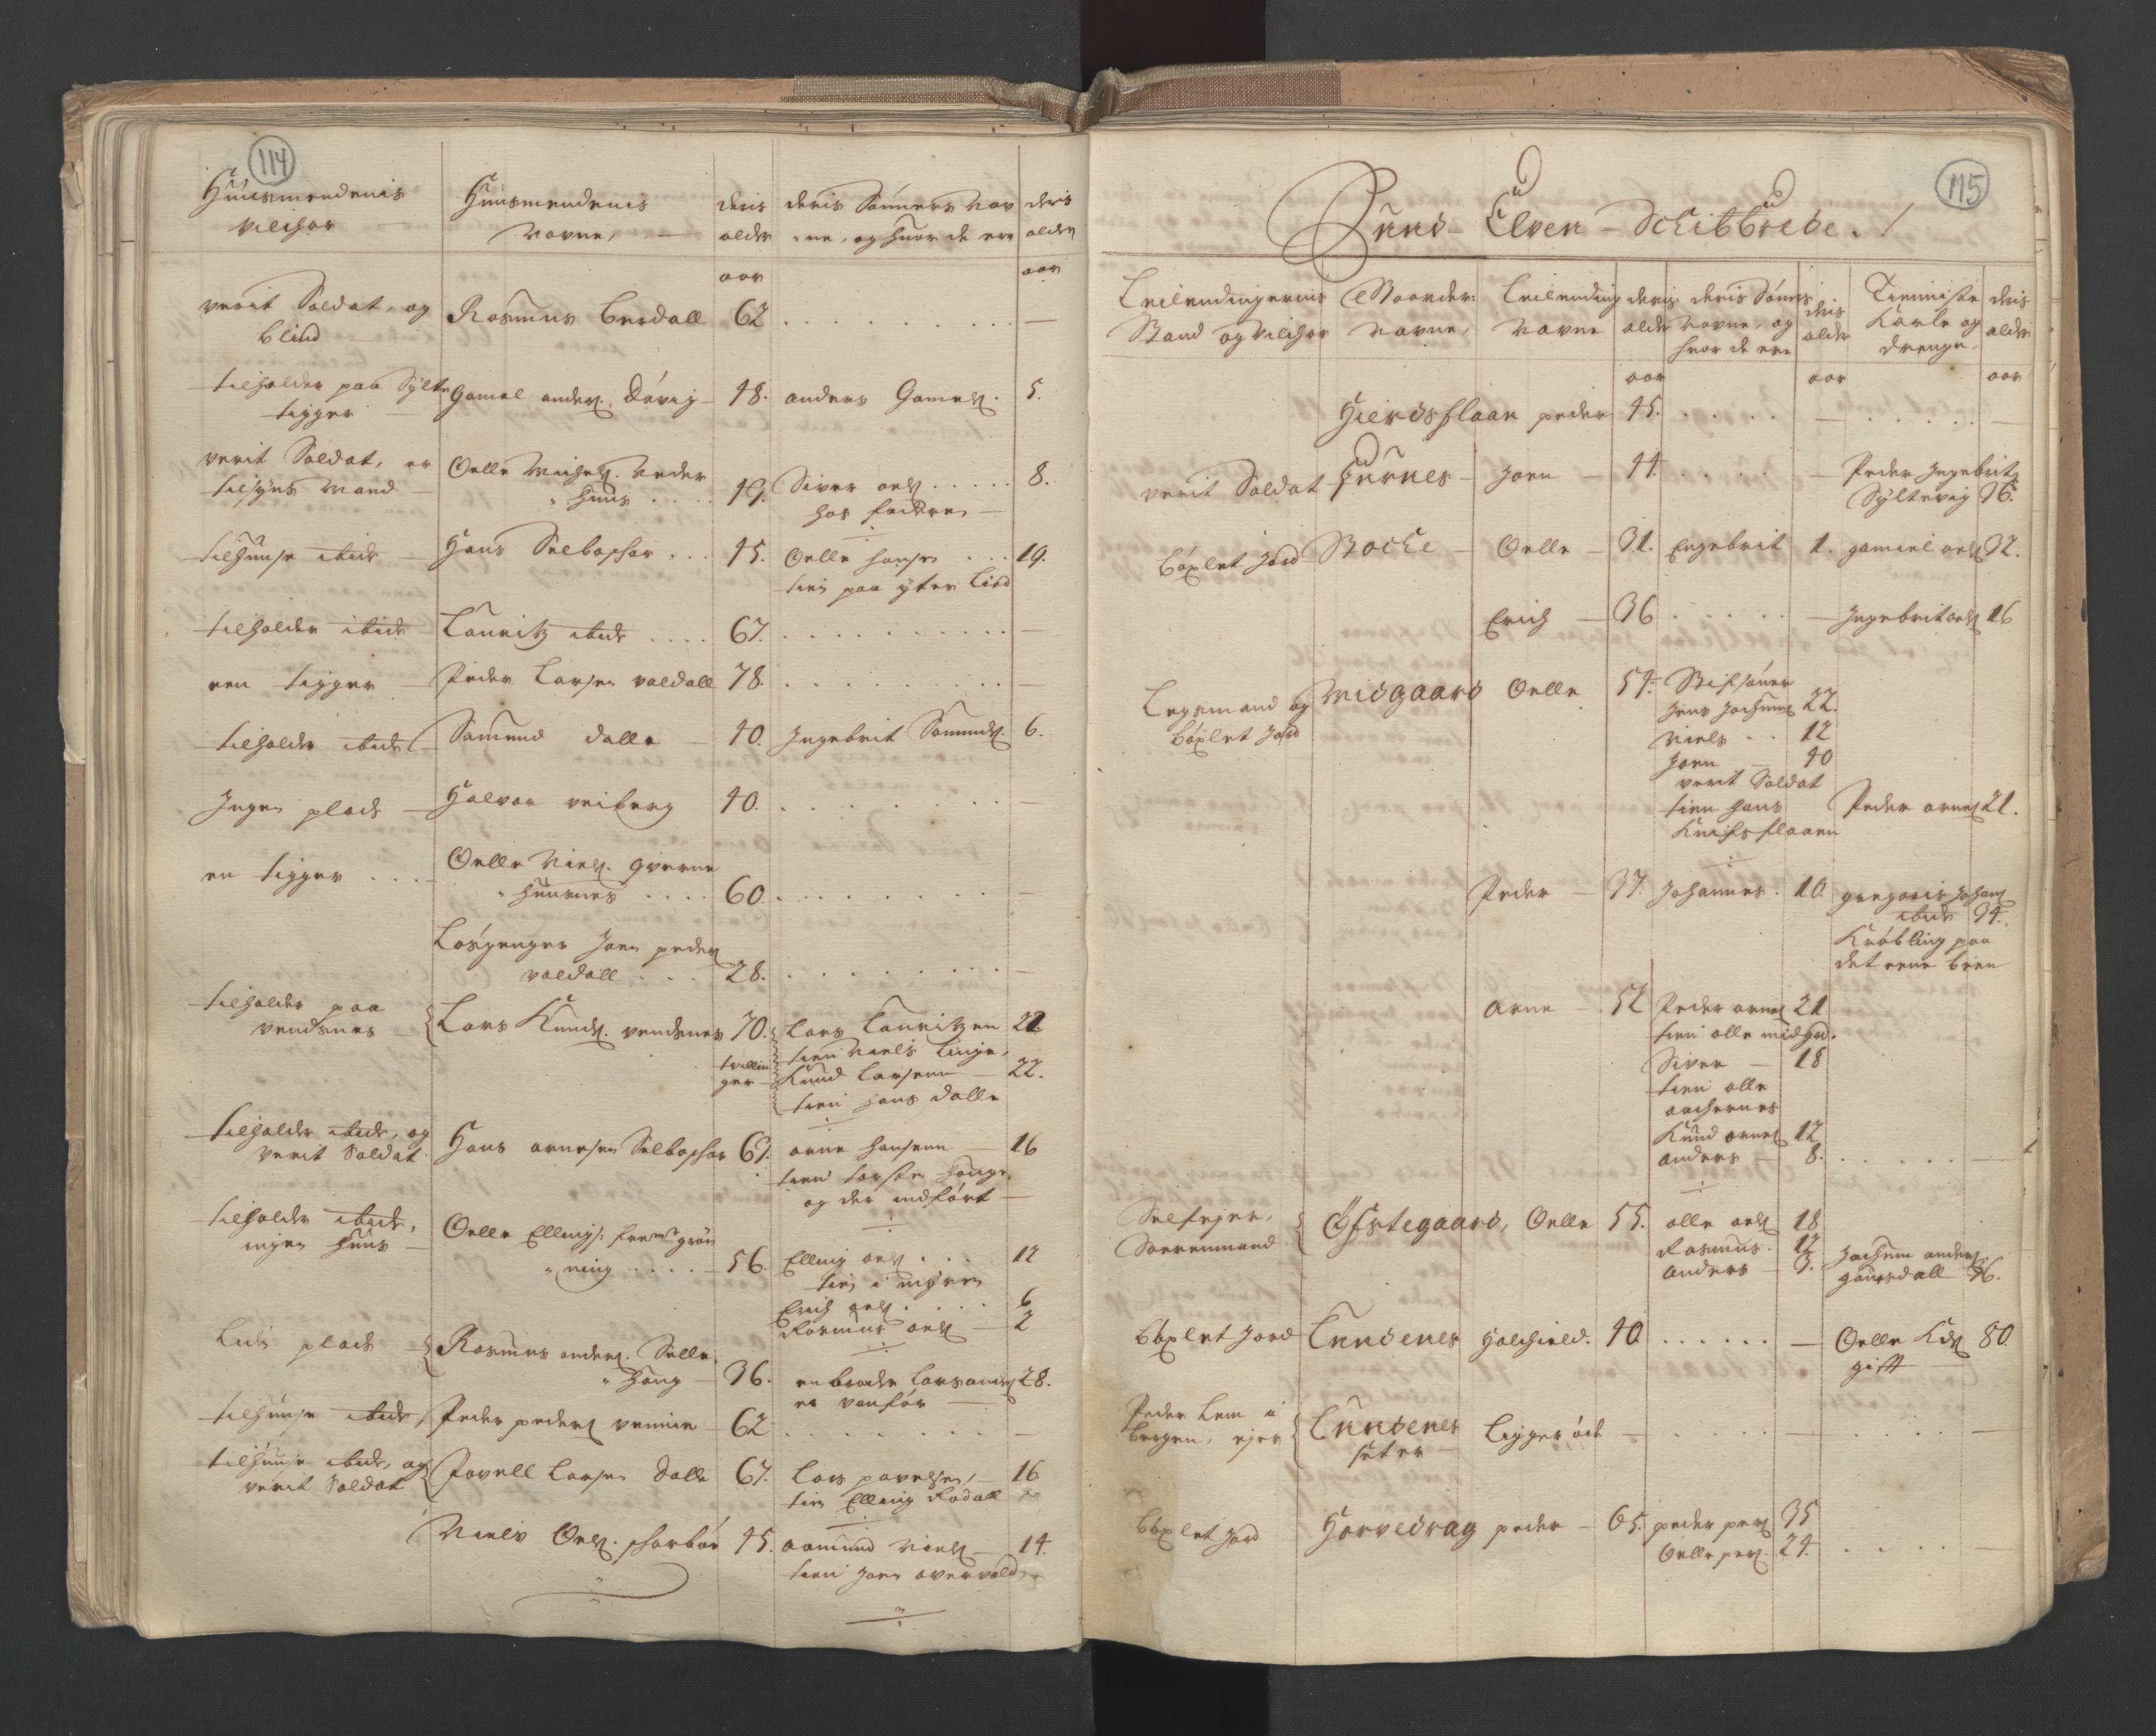 RA, Manntallet 1701, nr. 10: Sunnmøre fogderi, 1701, s. 114-115